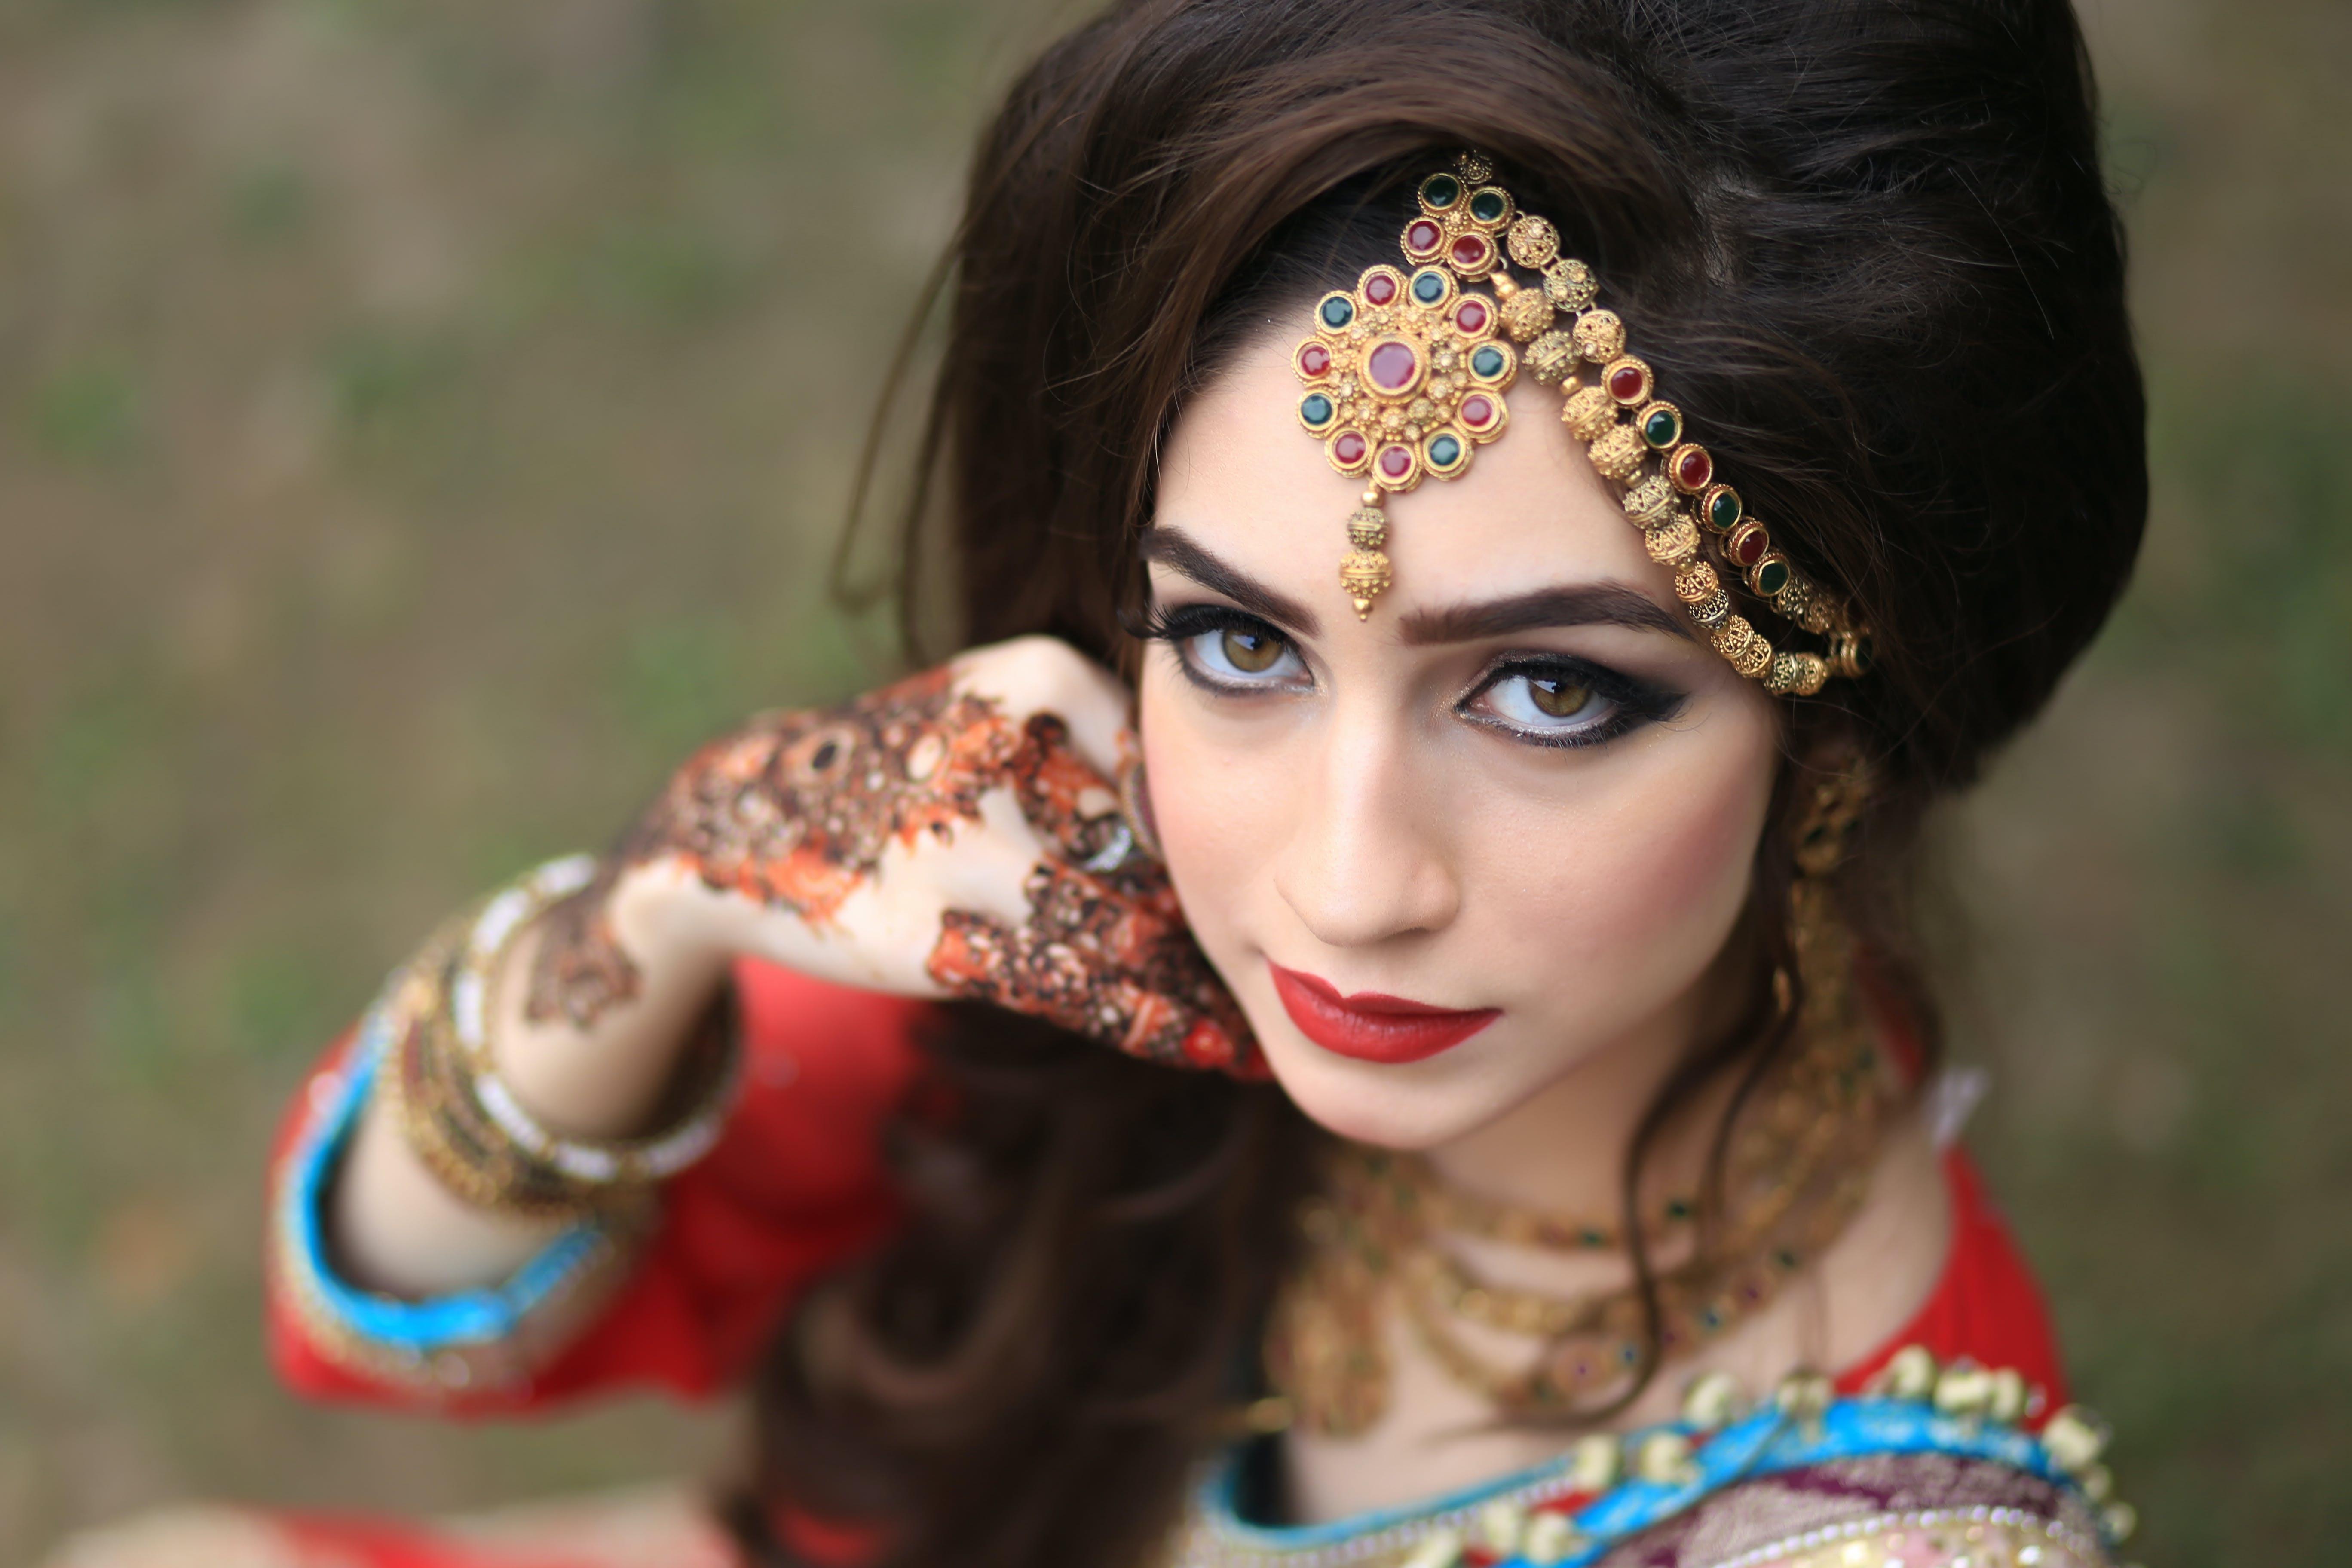 Woman Wearing Head Jewellery